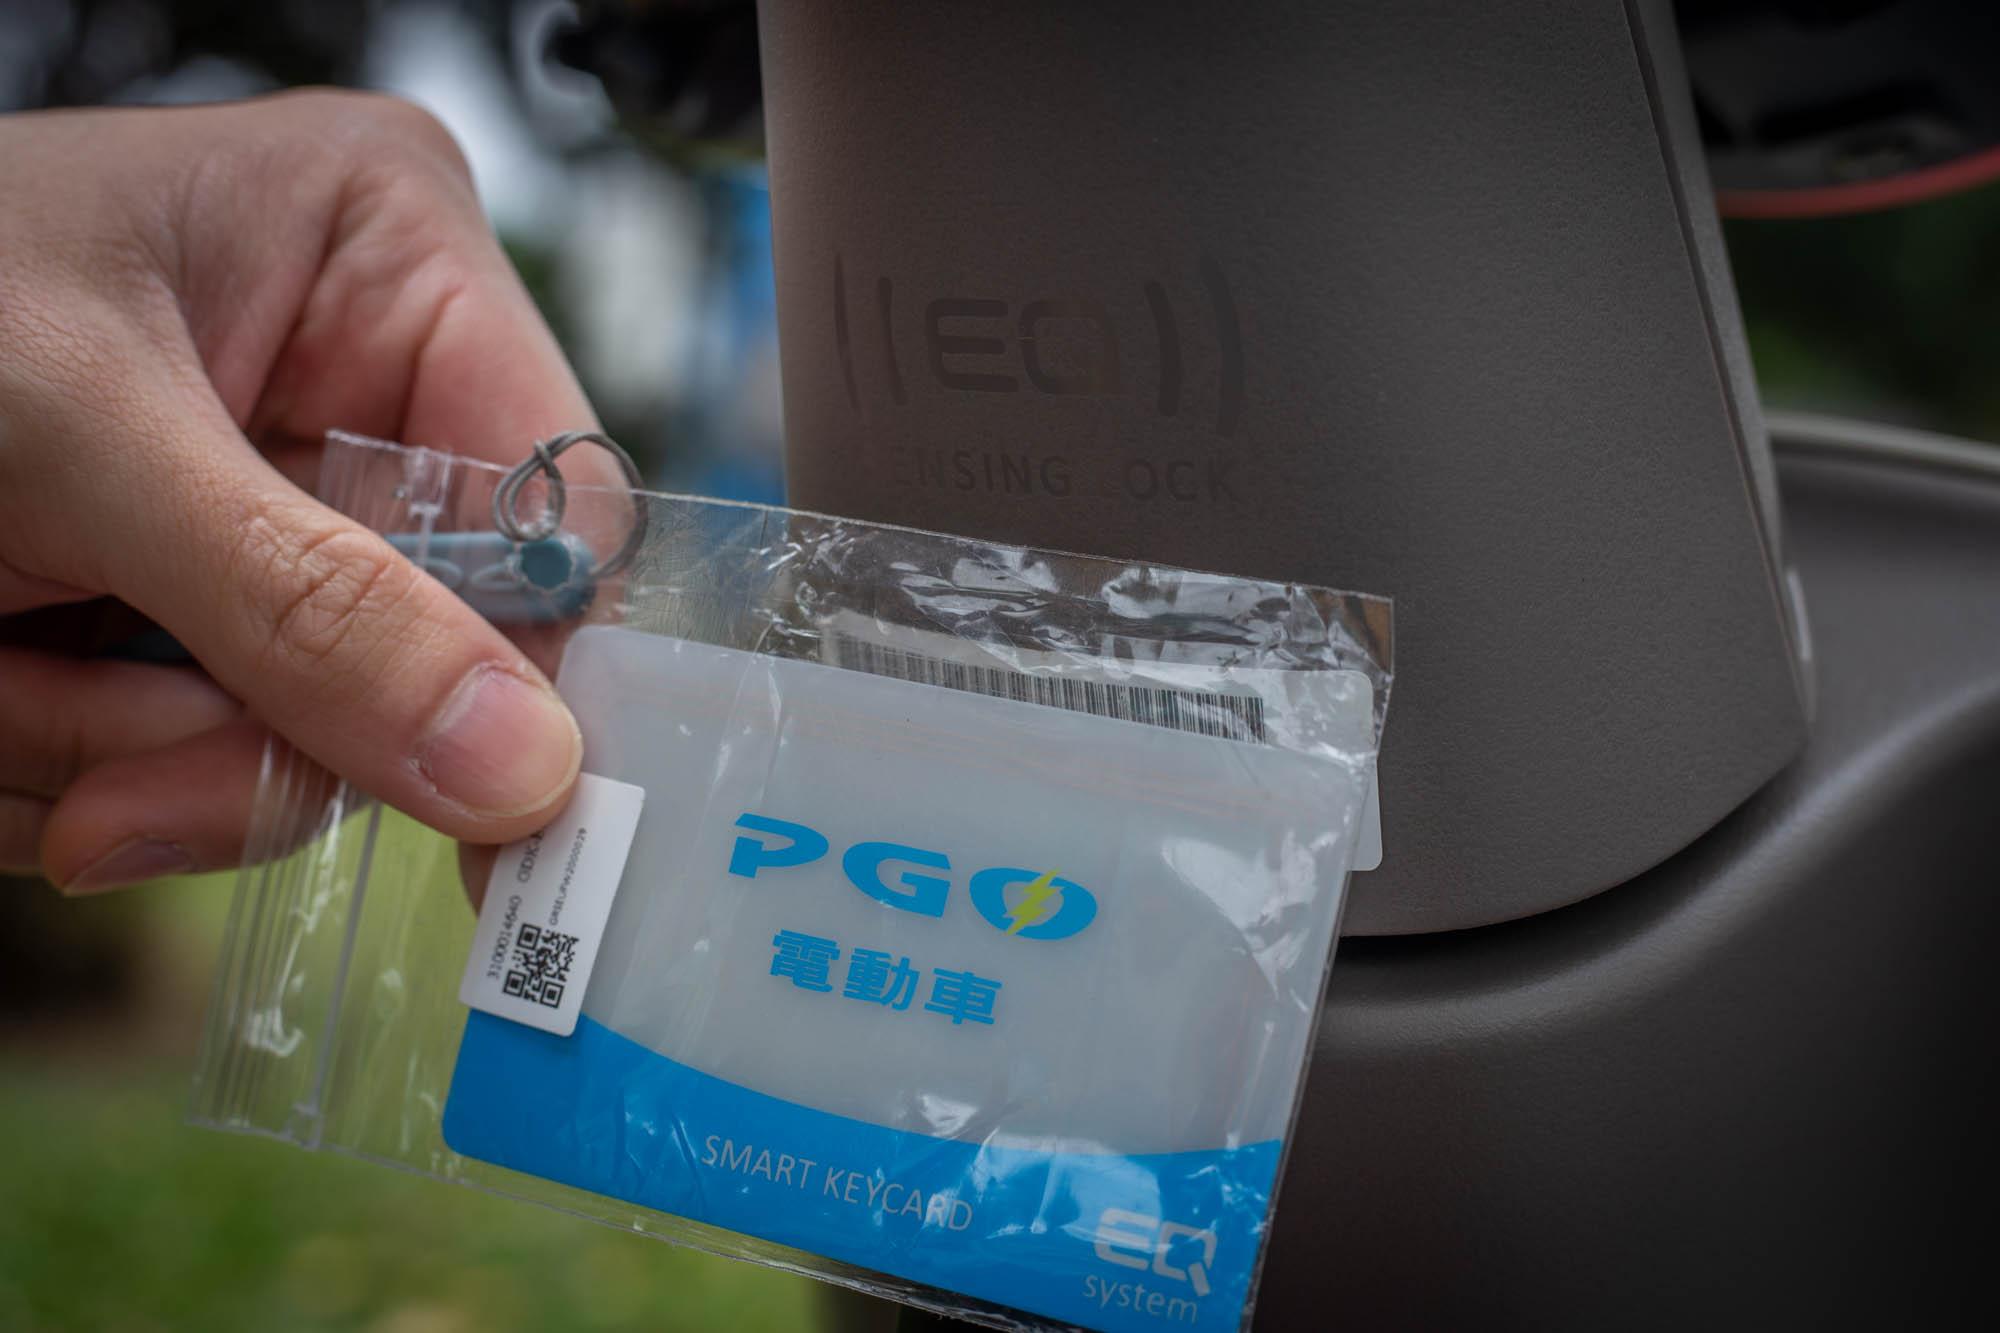 啟動方式為龍頭下方的感應式,使用卡片感應即可啟動或關閉。